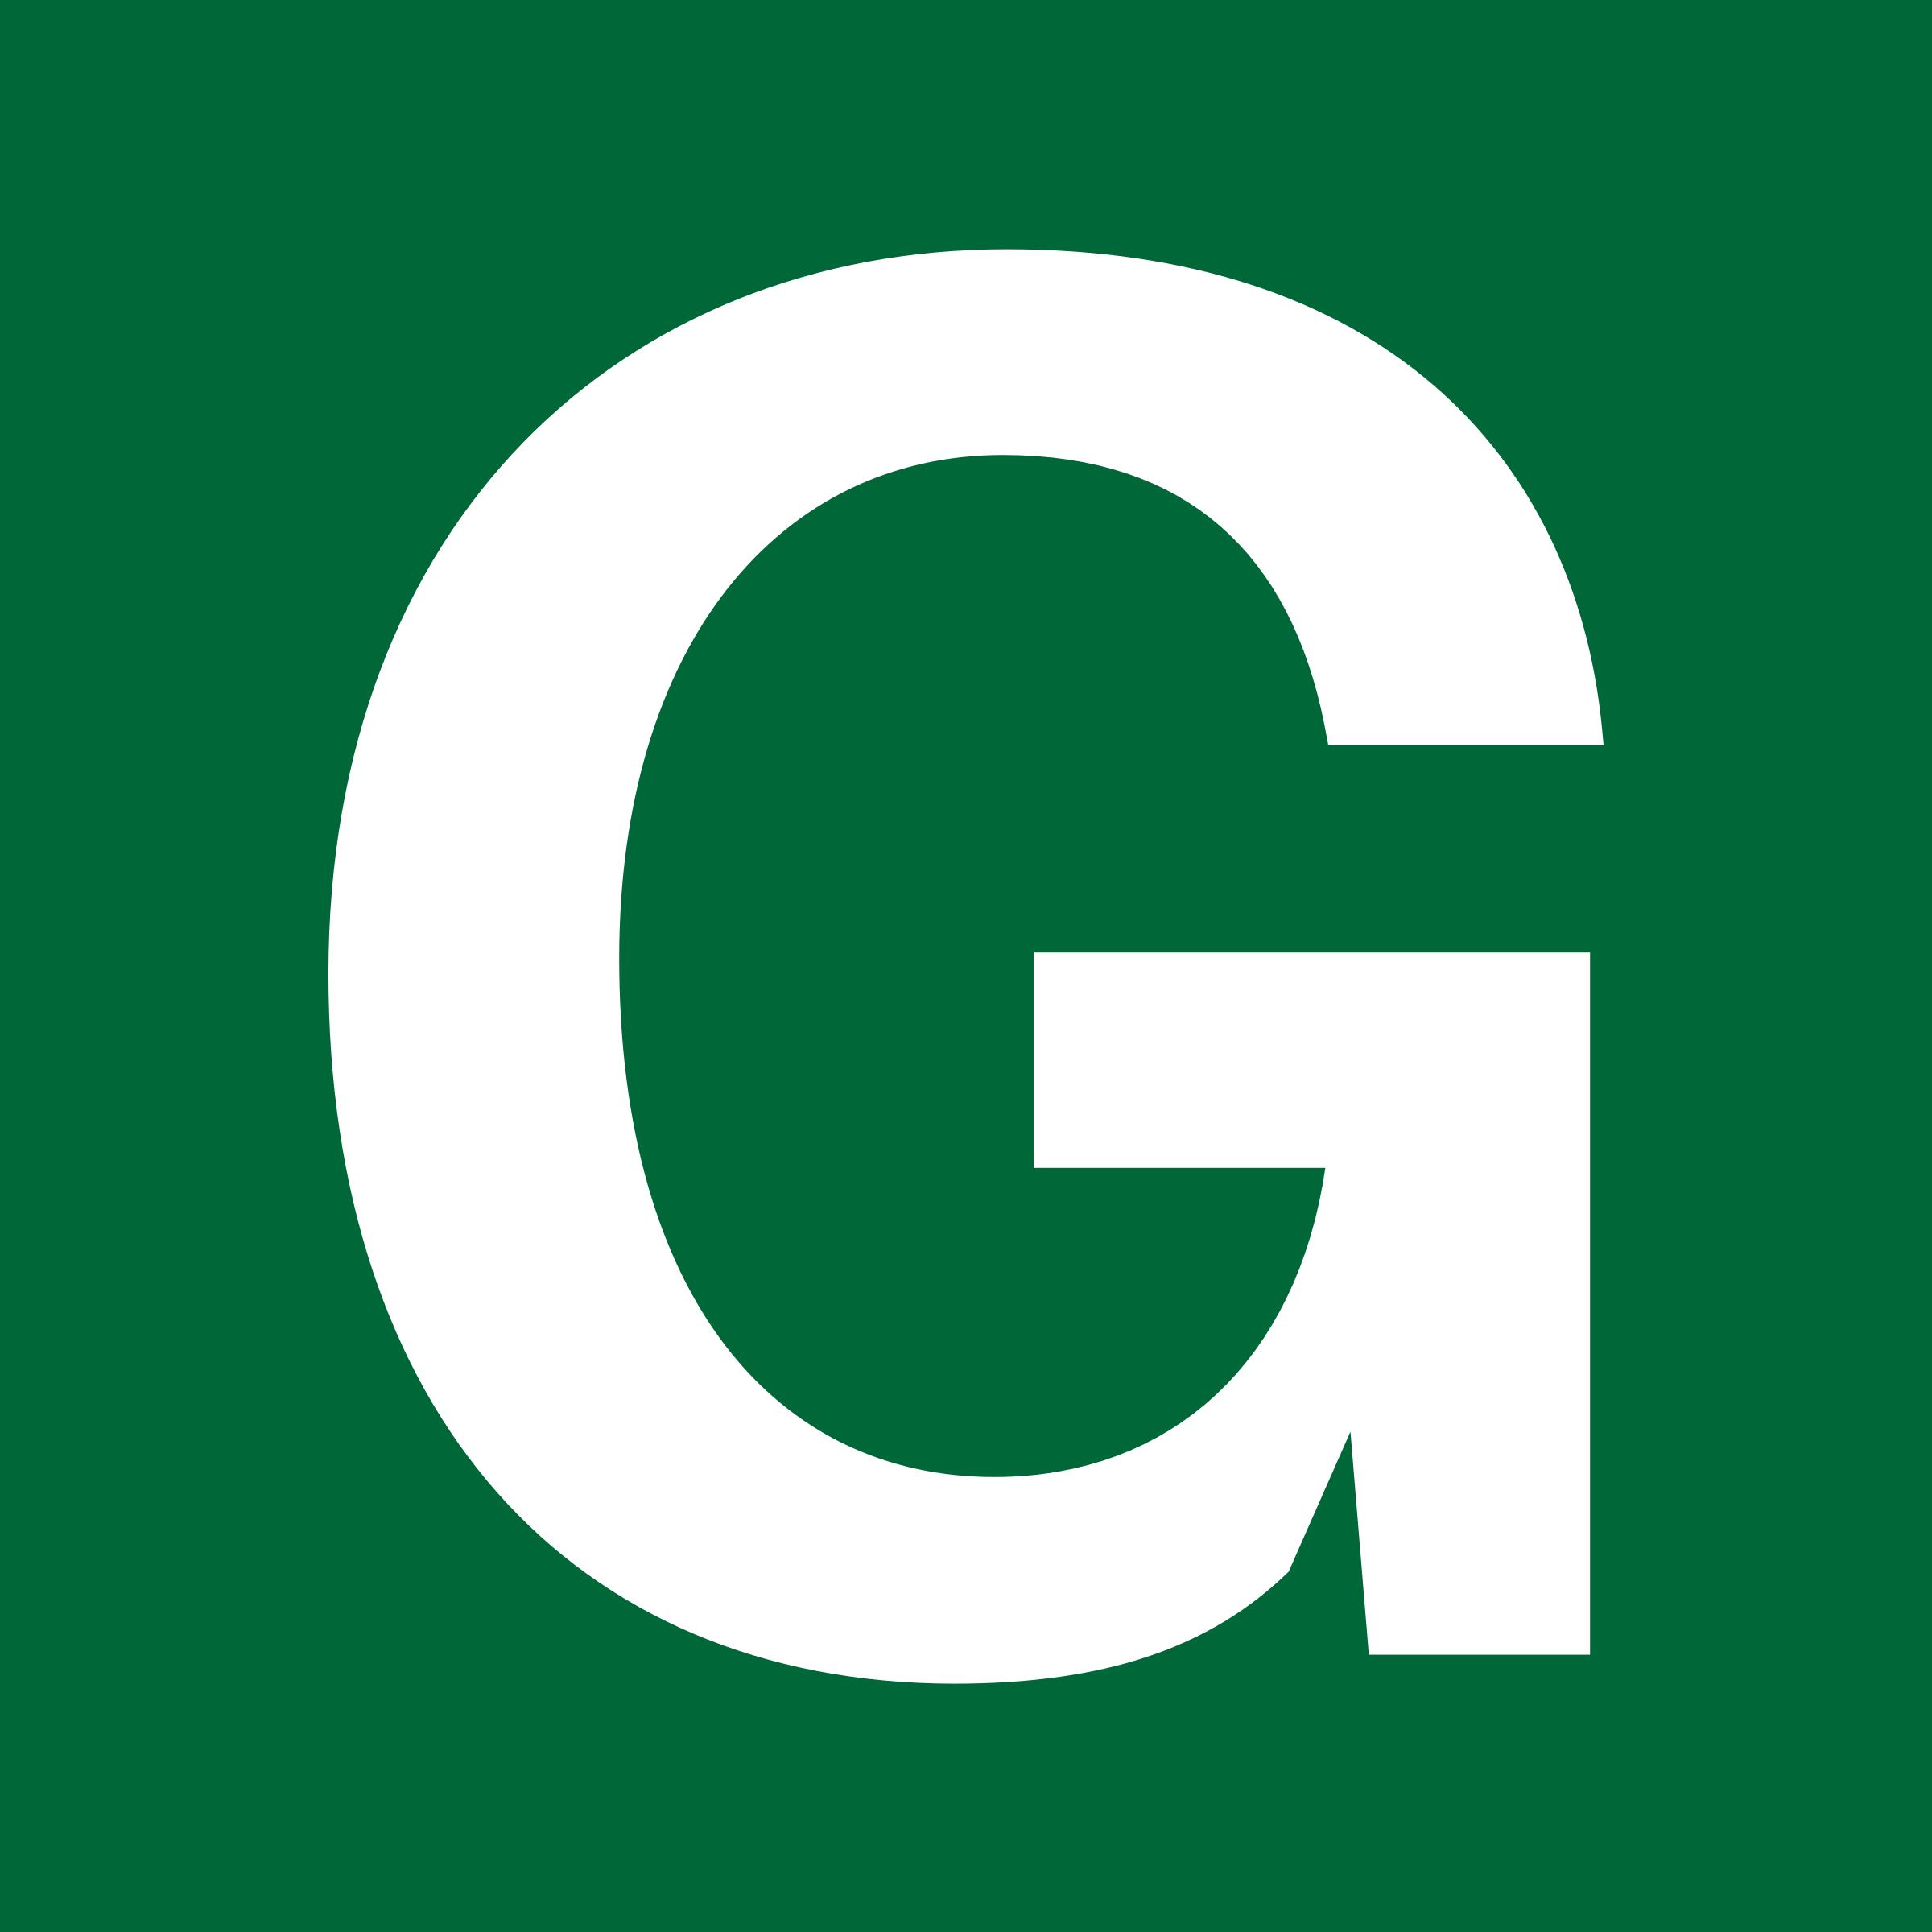 G  Clipart - White Letter...